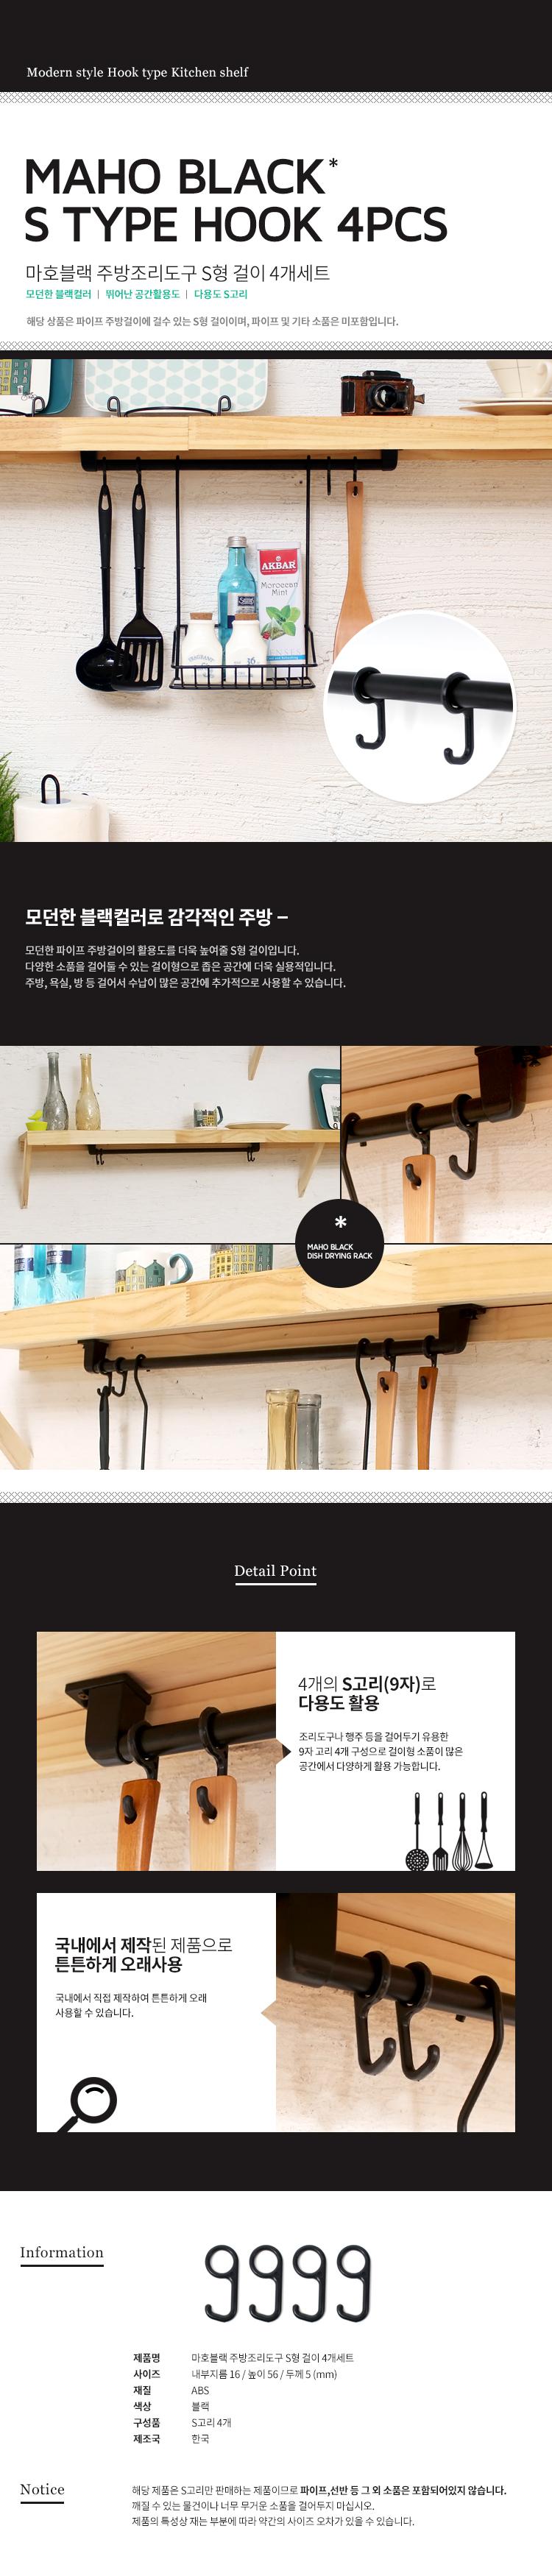 [마호블랙]주방조리도구 S형 걸이 4개세트 - 러버메이드, 5,900원, 주방정리용품, 컵 꽂이/걸이